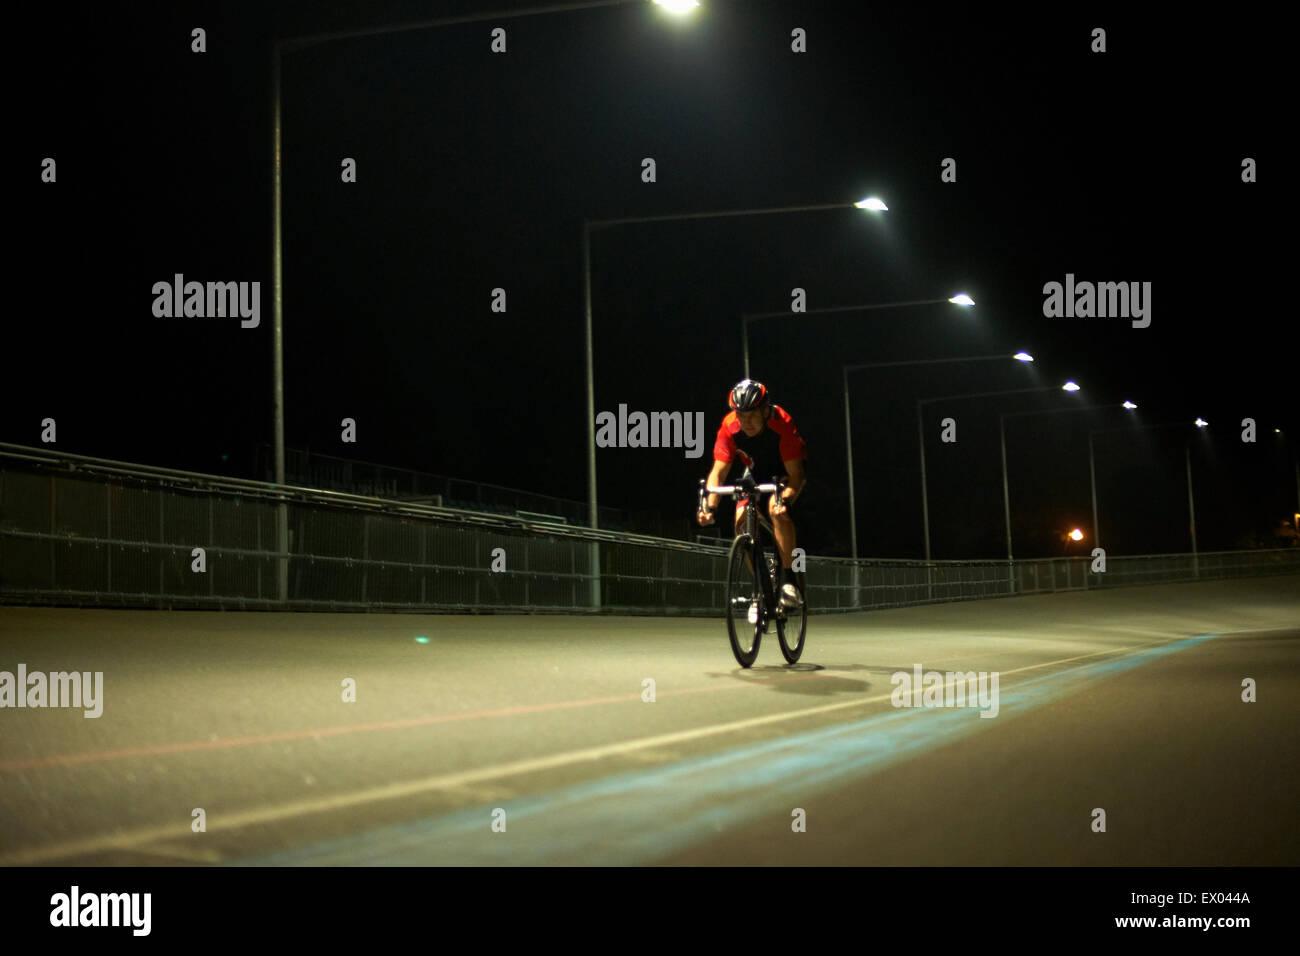 Ciclista ciclismo su pista al velodromo, all'aperto Immagini Stock